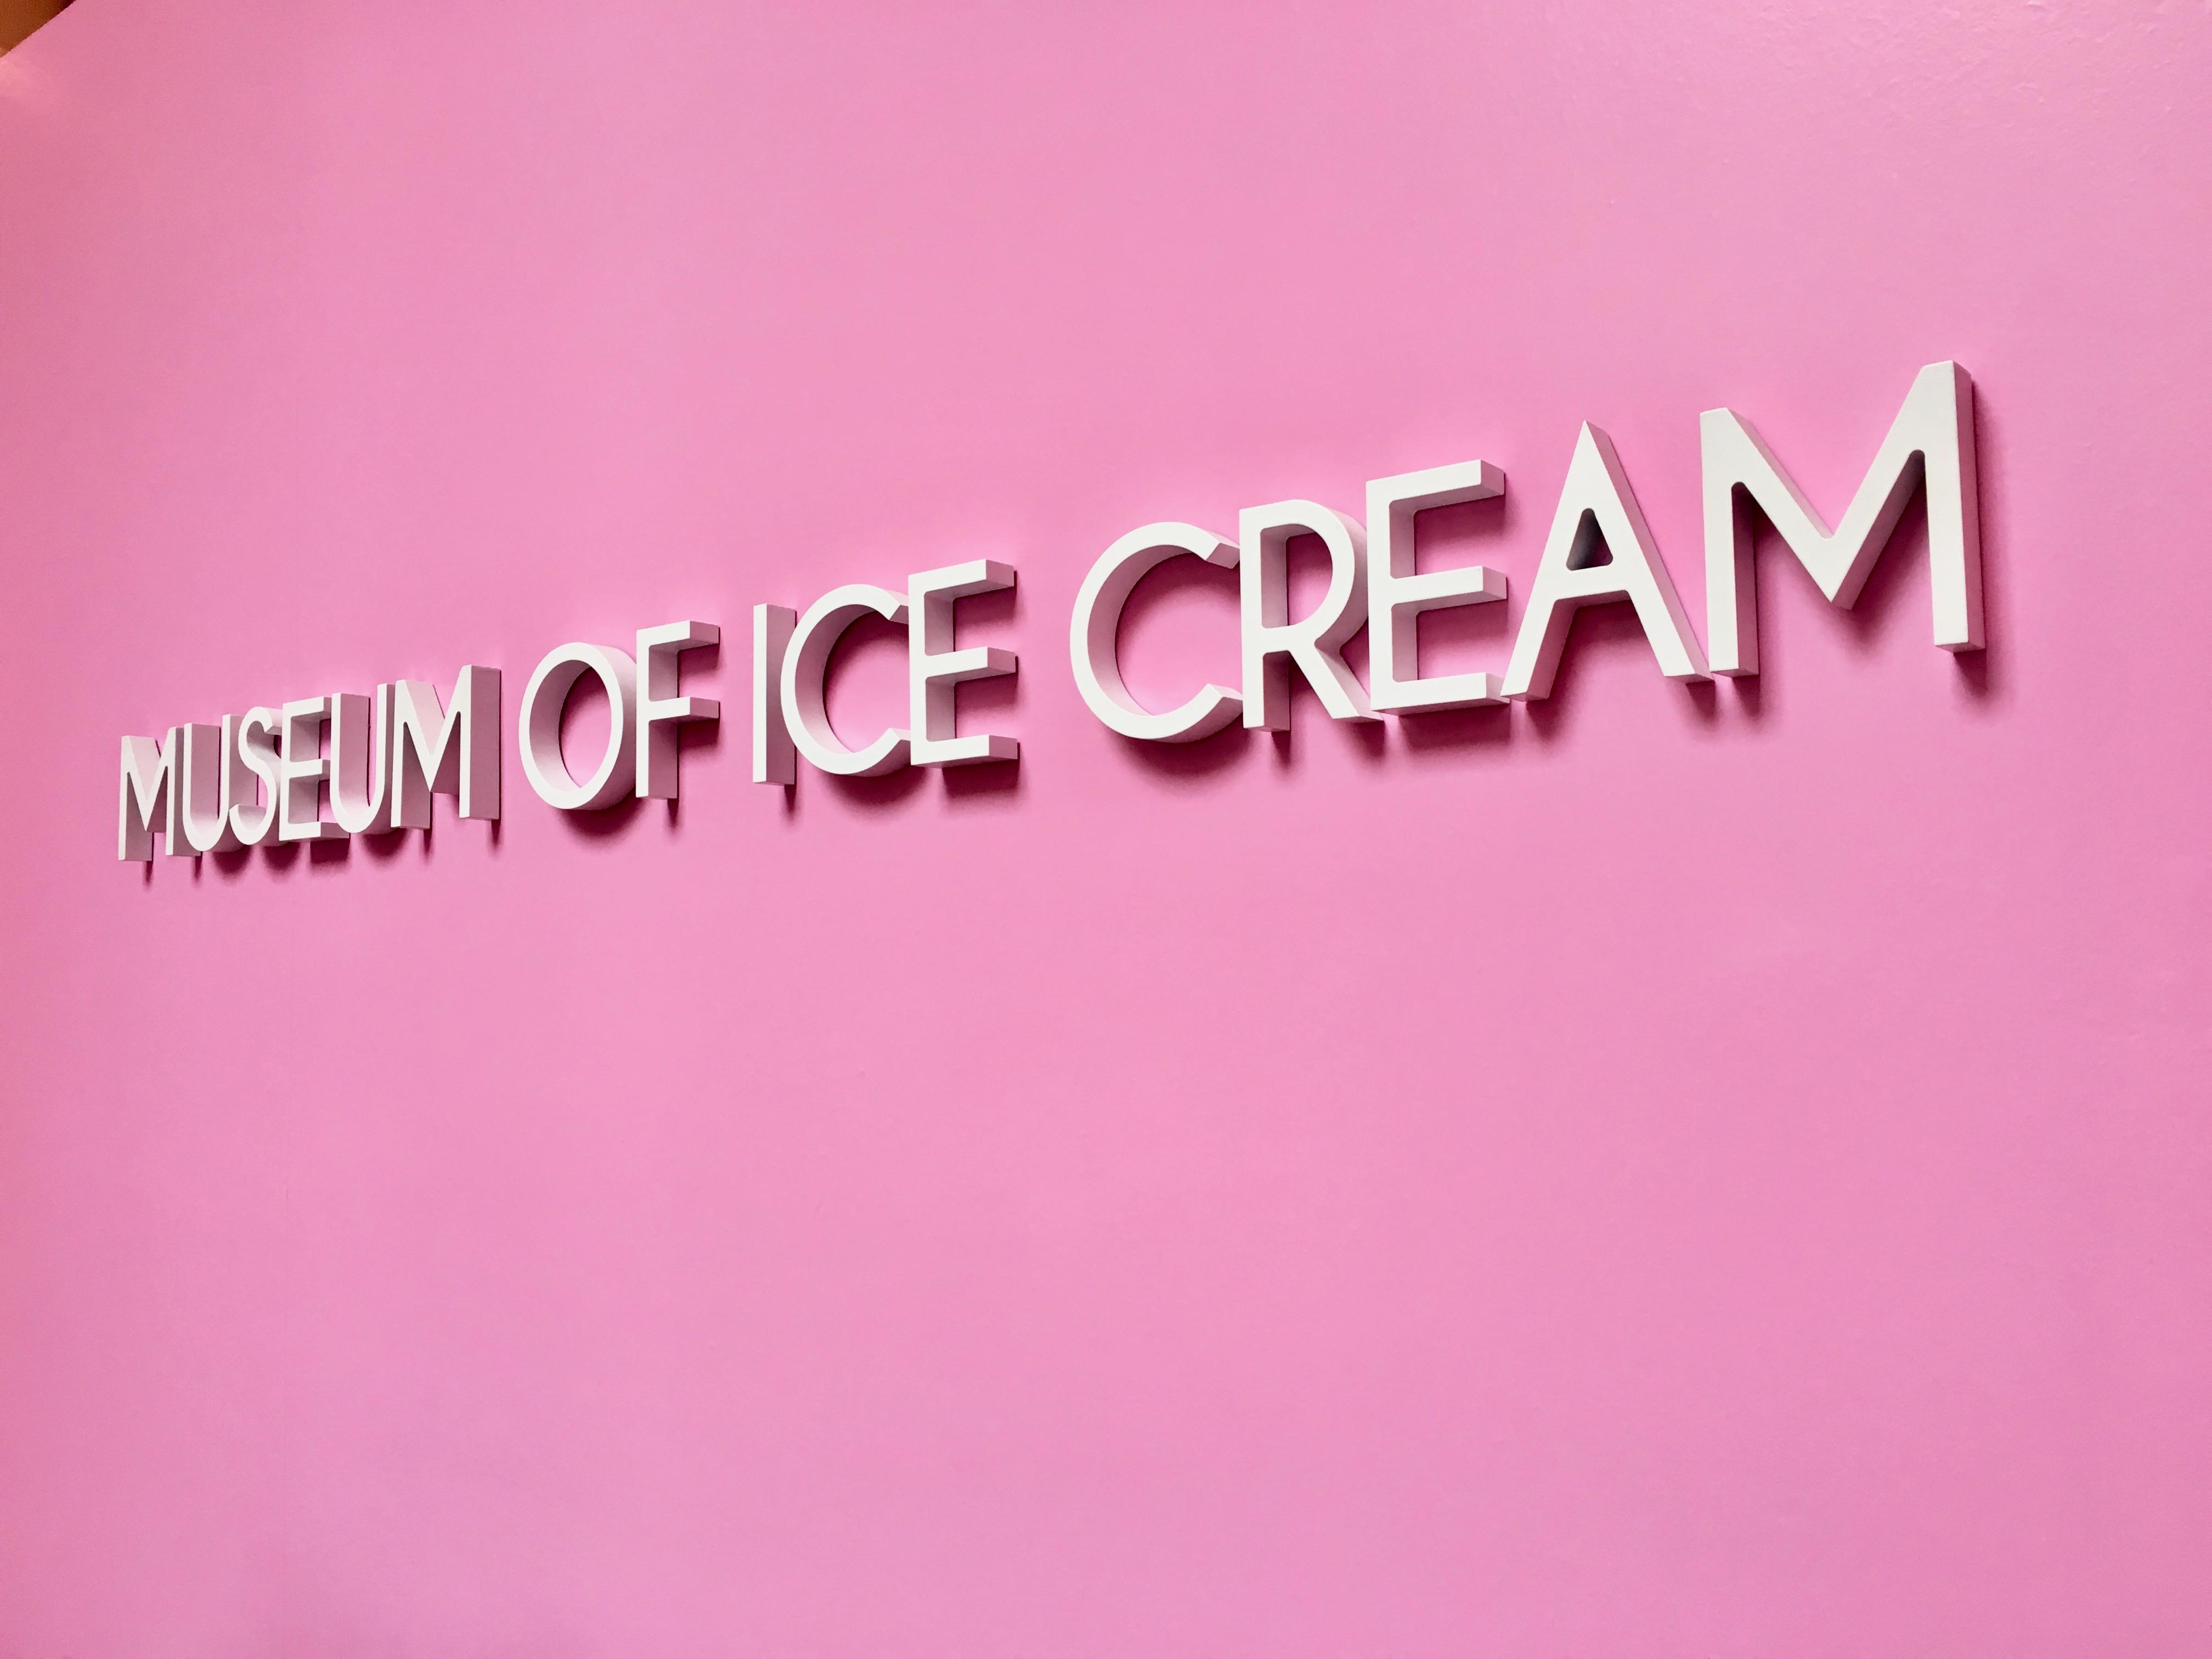 Museum of ICE CREAM!!!!!